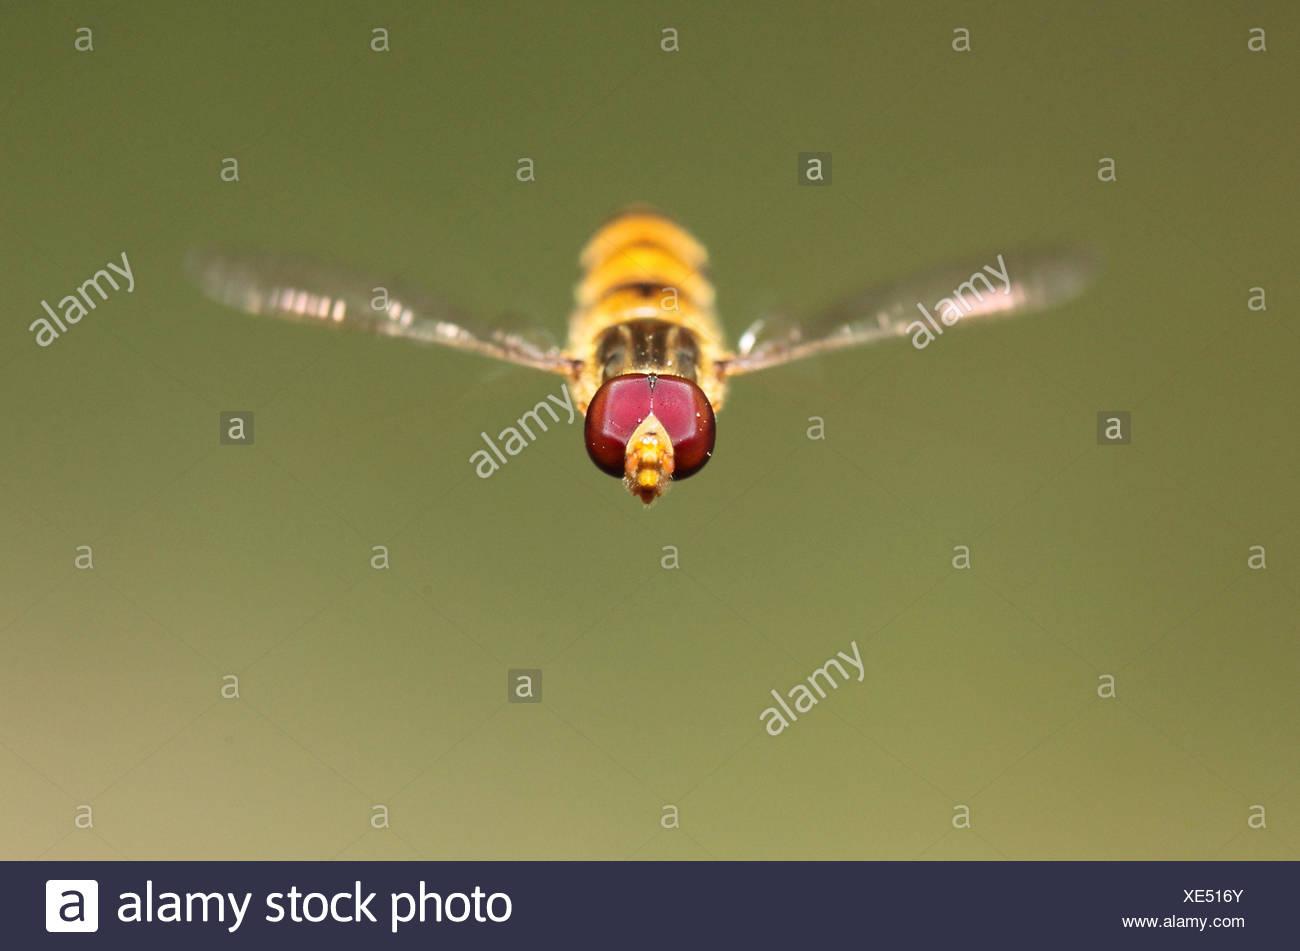 Porträt eines schweben oder Syrphid Fliege mit Pollenkörner auf die Facettenaugen hautnah. Aufzeichnungen zeigen, dass ihre Geschwindigkeit bis zu 300 Flügelschlägen pro Sekunde sein kann. Stockbild